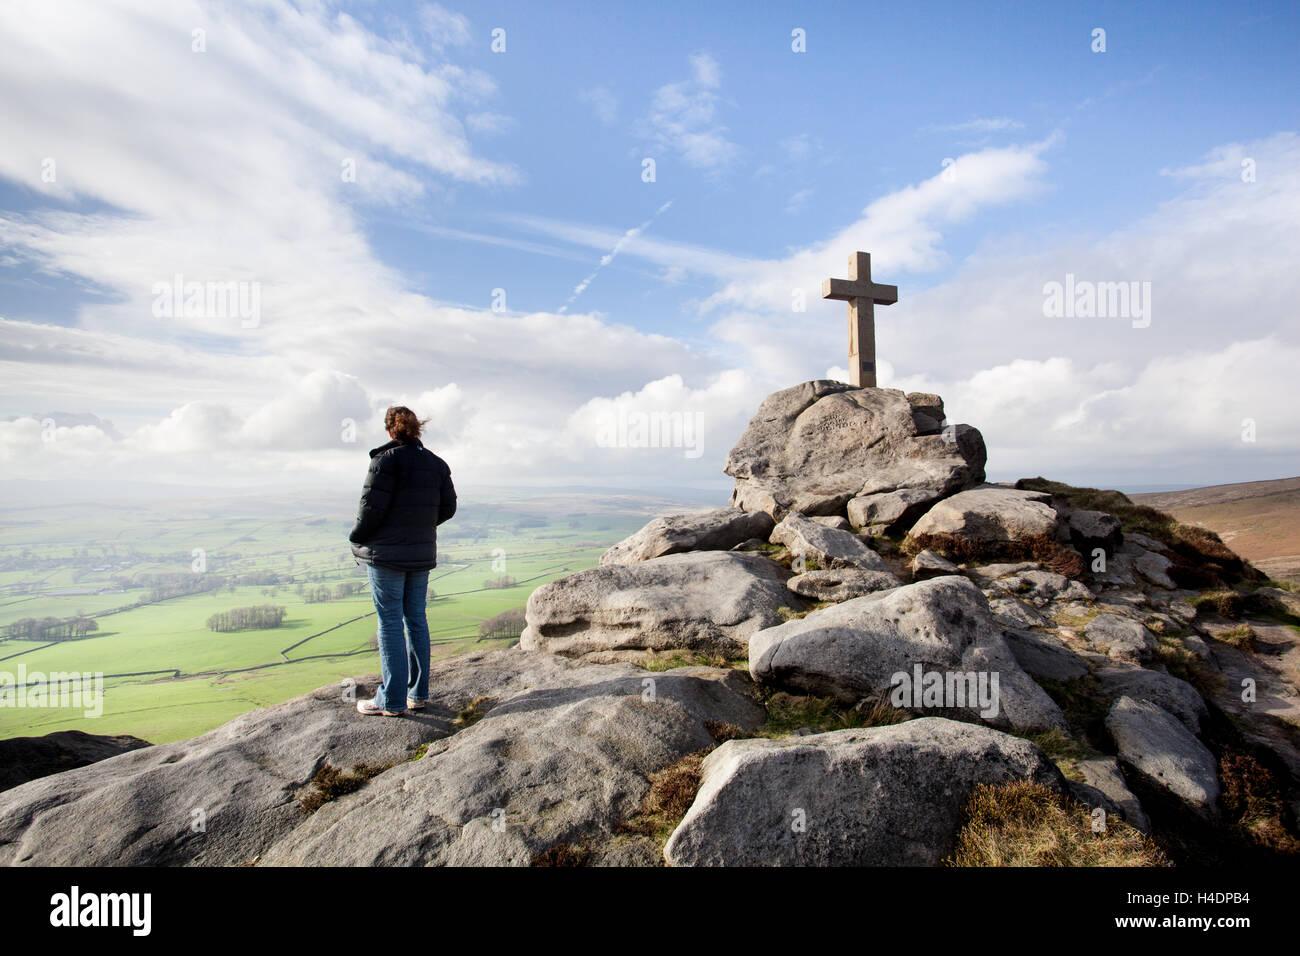 Frau am Rylstone Cross, Kruzifix mit Blick auf den grünen Weiden am Rande der Yorkshire Dales, von einem Felsvorsprung Stockfoto